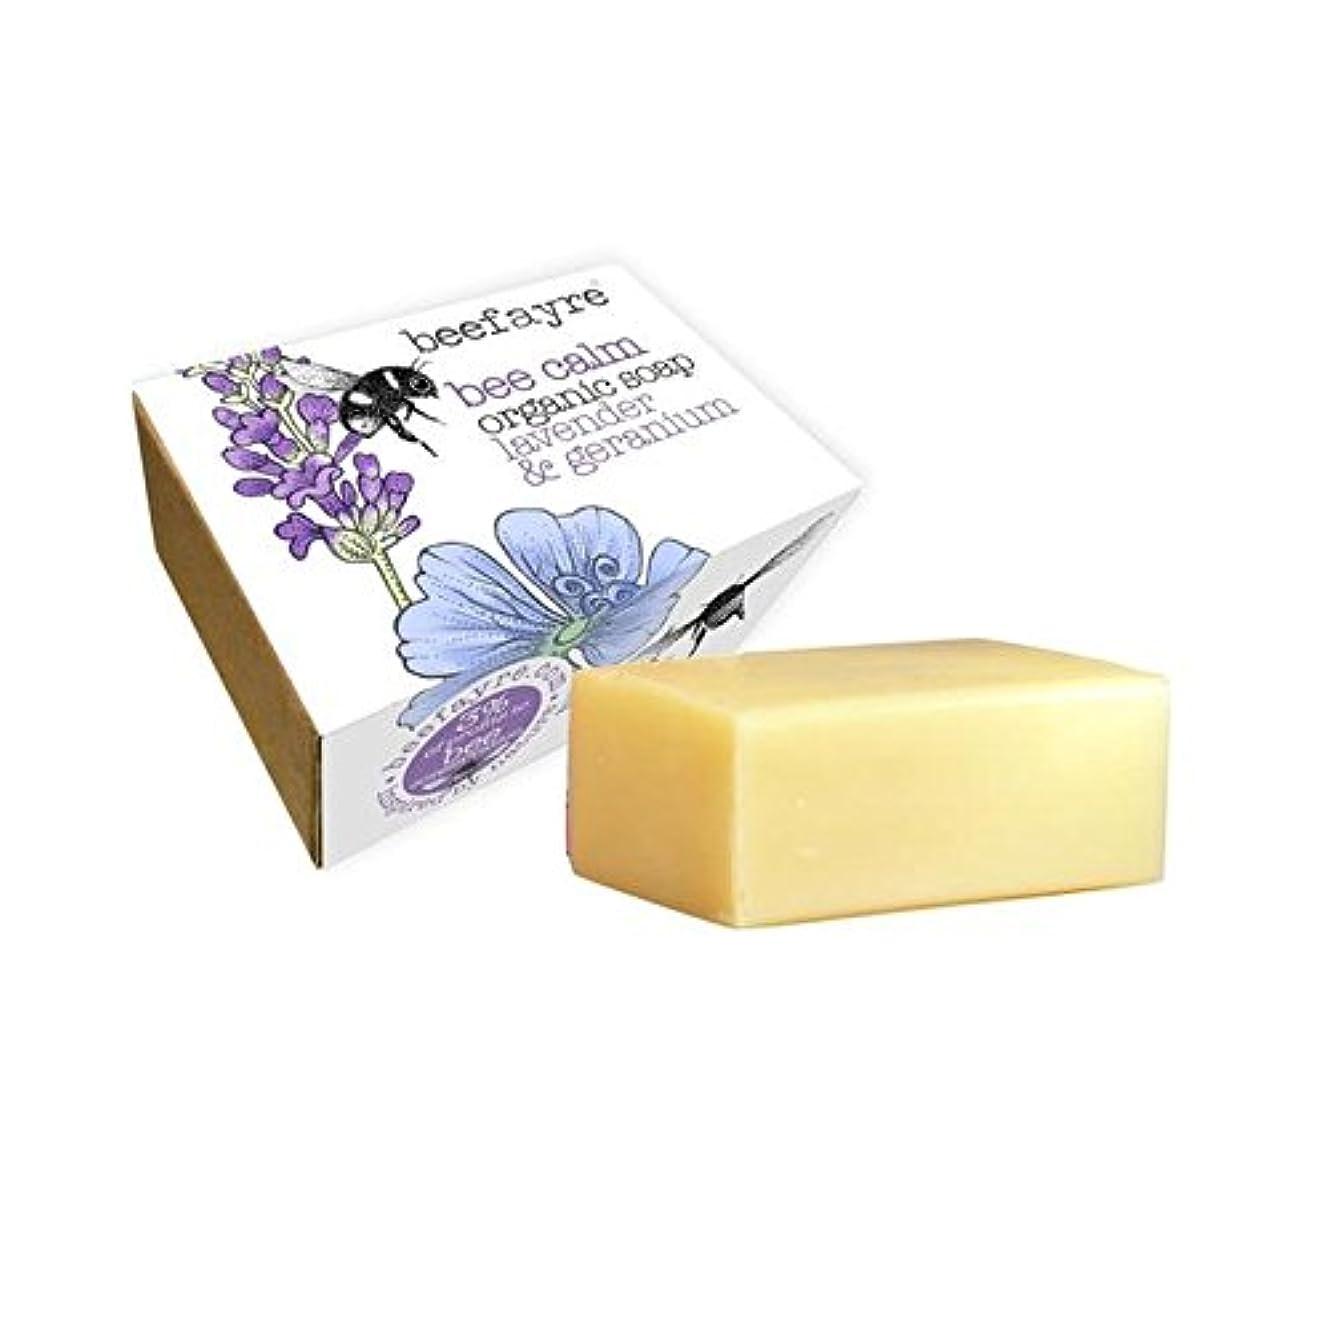 読みやすい障害者一致する有機ゼラニウム&ラベンダー石鹸 x4 - Beefayre Organic Geranium & Lavender Soap (Pack of 4) [並行輸入品]